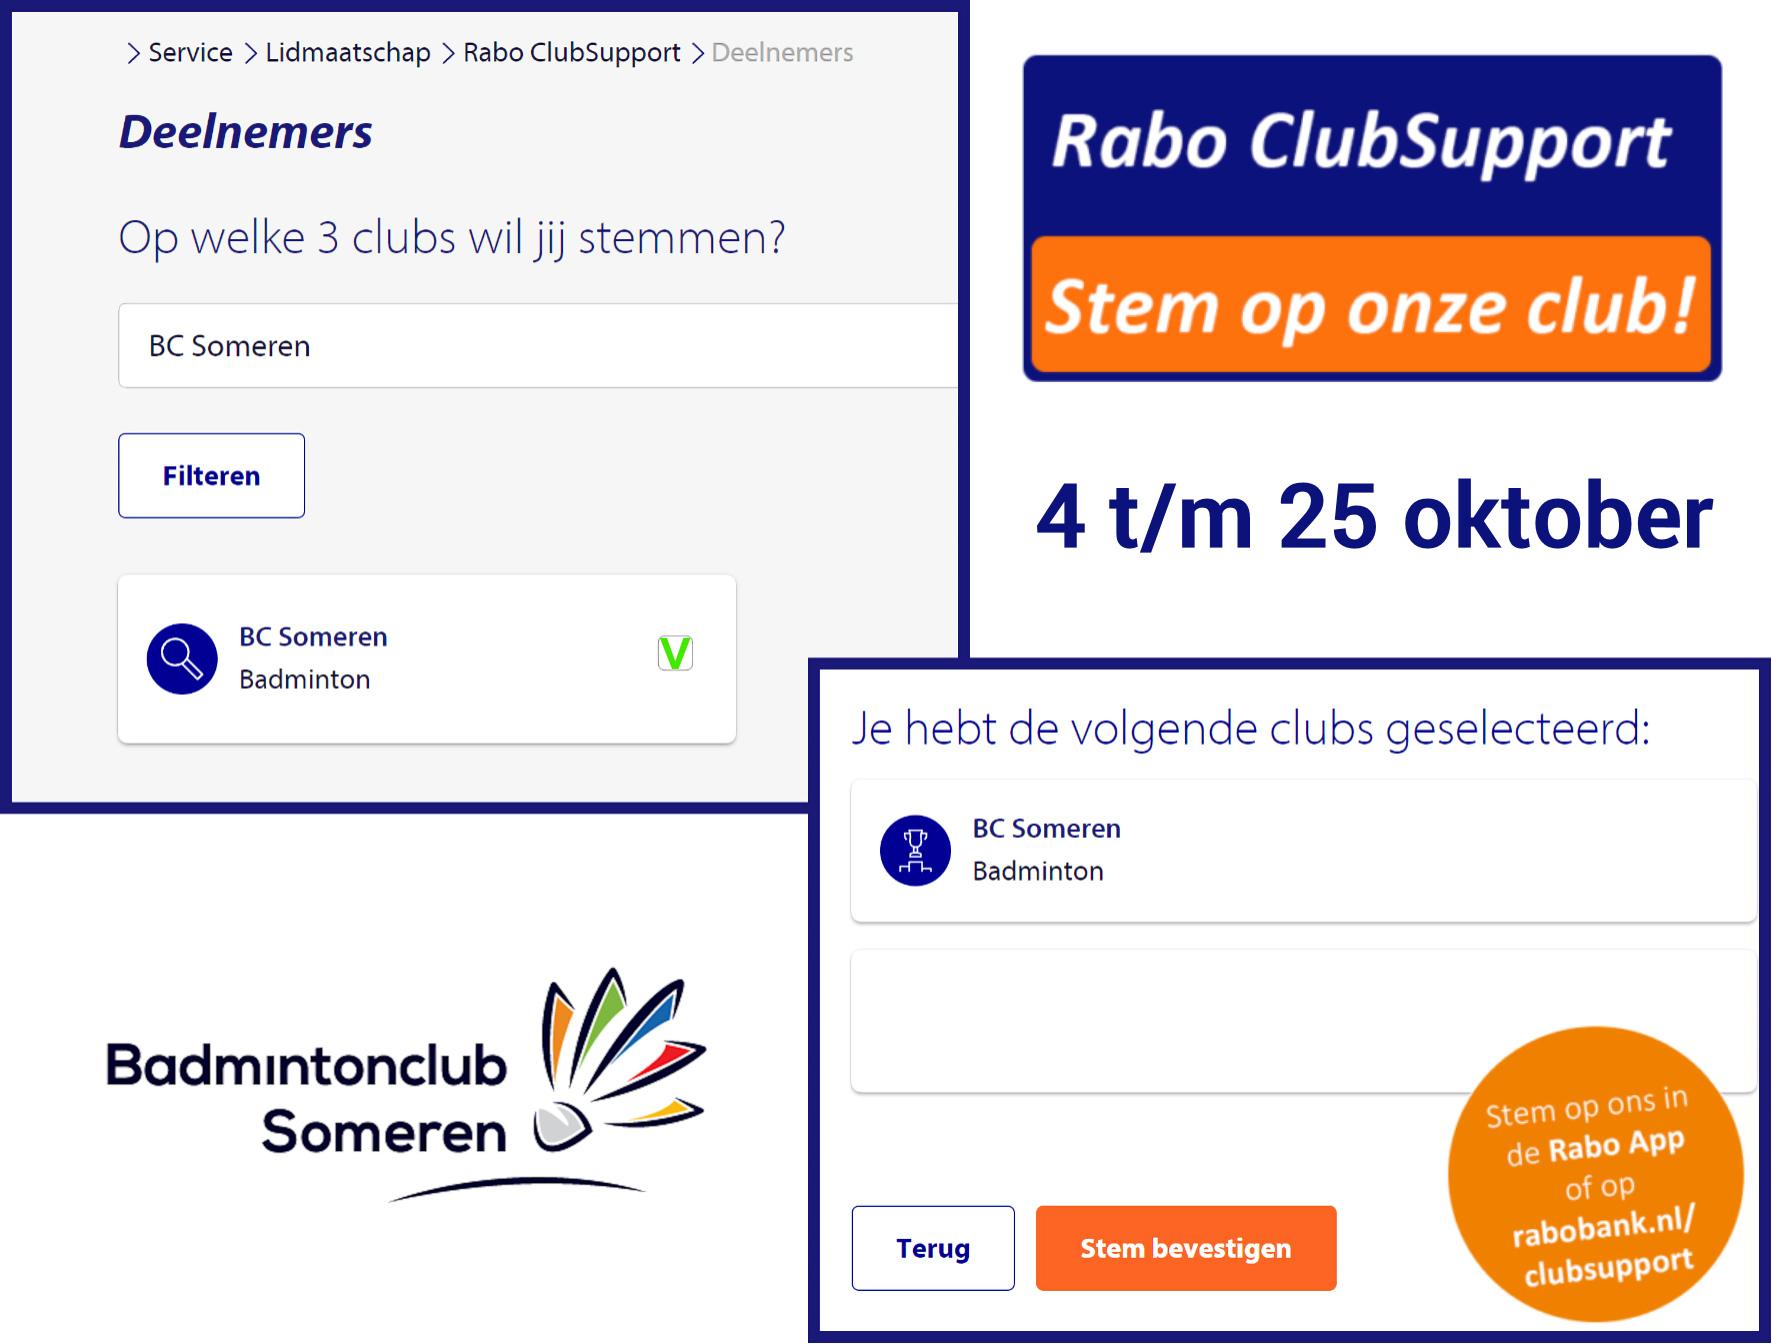 badminton rabobank clubsupport 2021 stemmen Someren Rabobank Peel